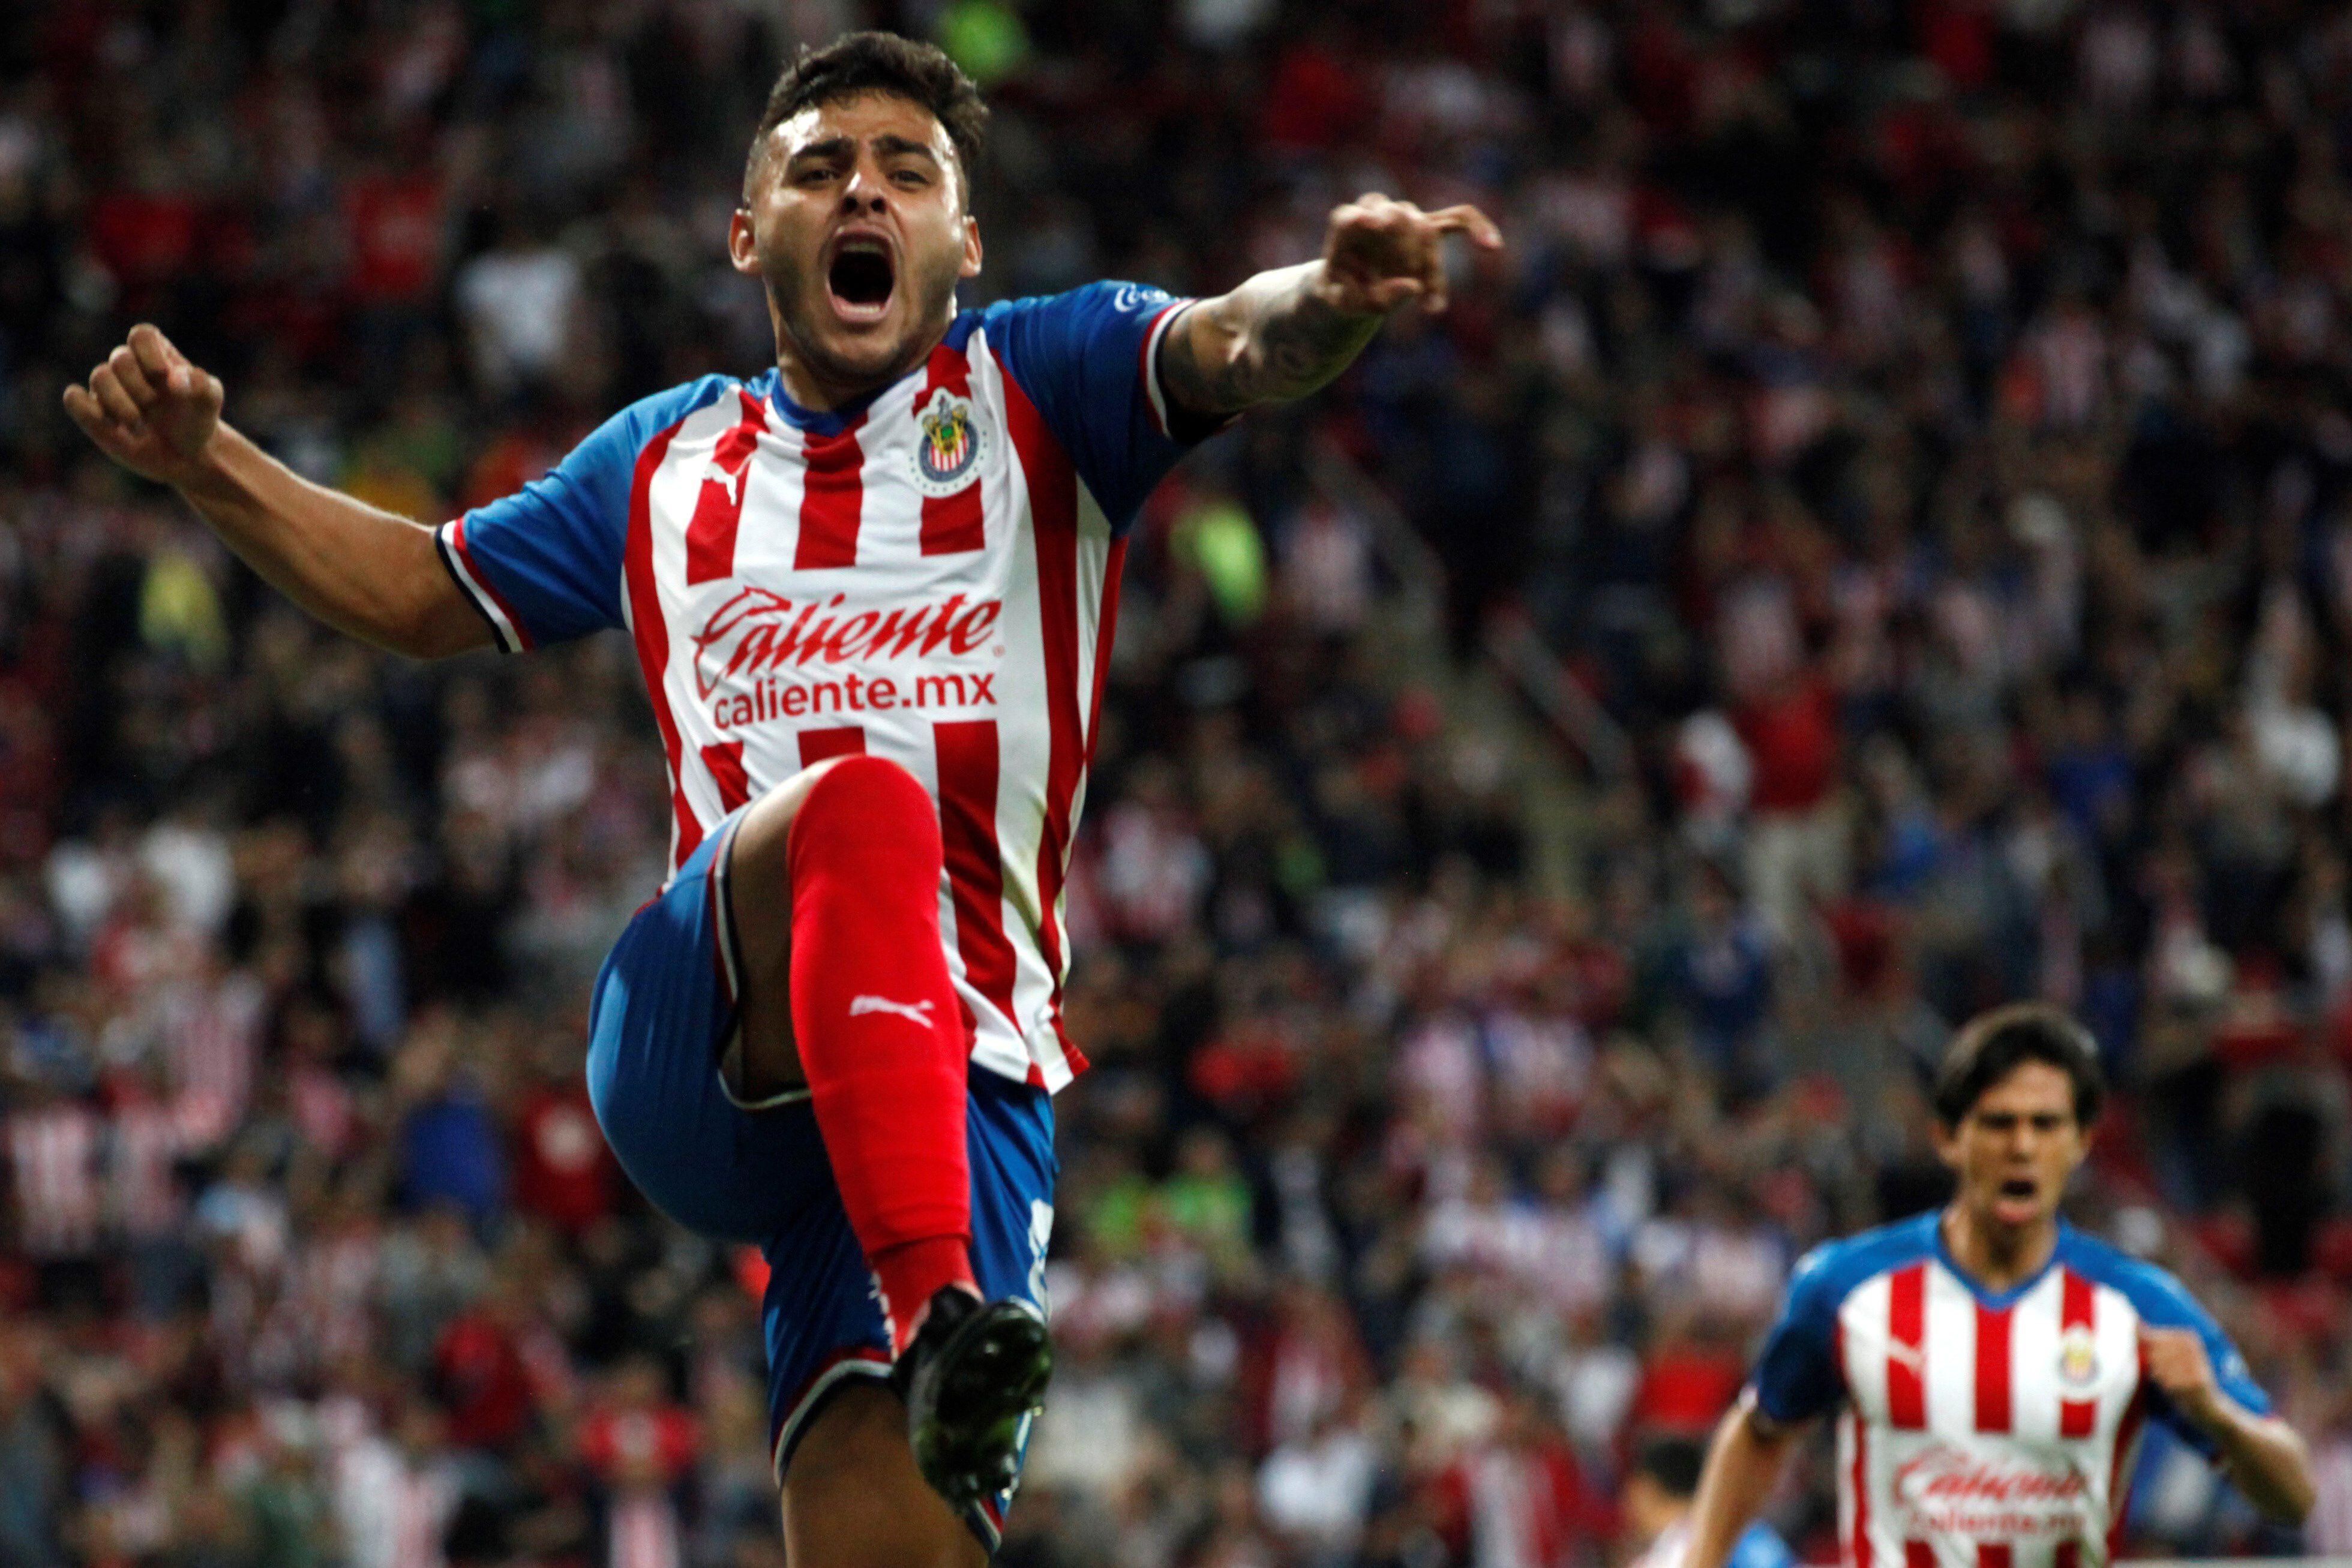 En la imagen, el jugador Alexis Vega, de Chivas de Guadalajara. EFE/Francisco Guasco/Archivo